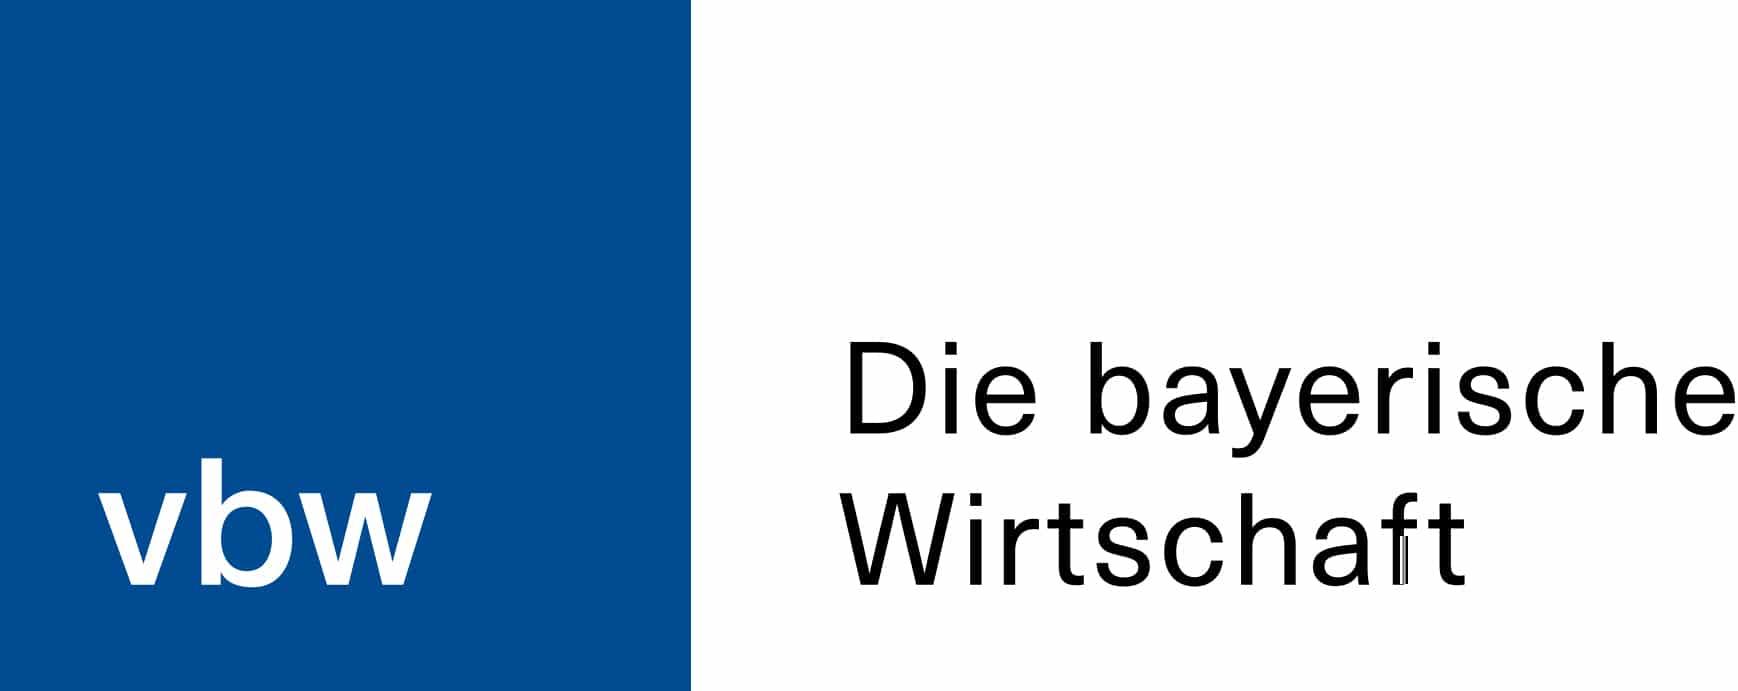 Logo vbw - Die bayerische Wirtschaft